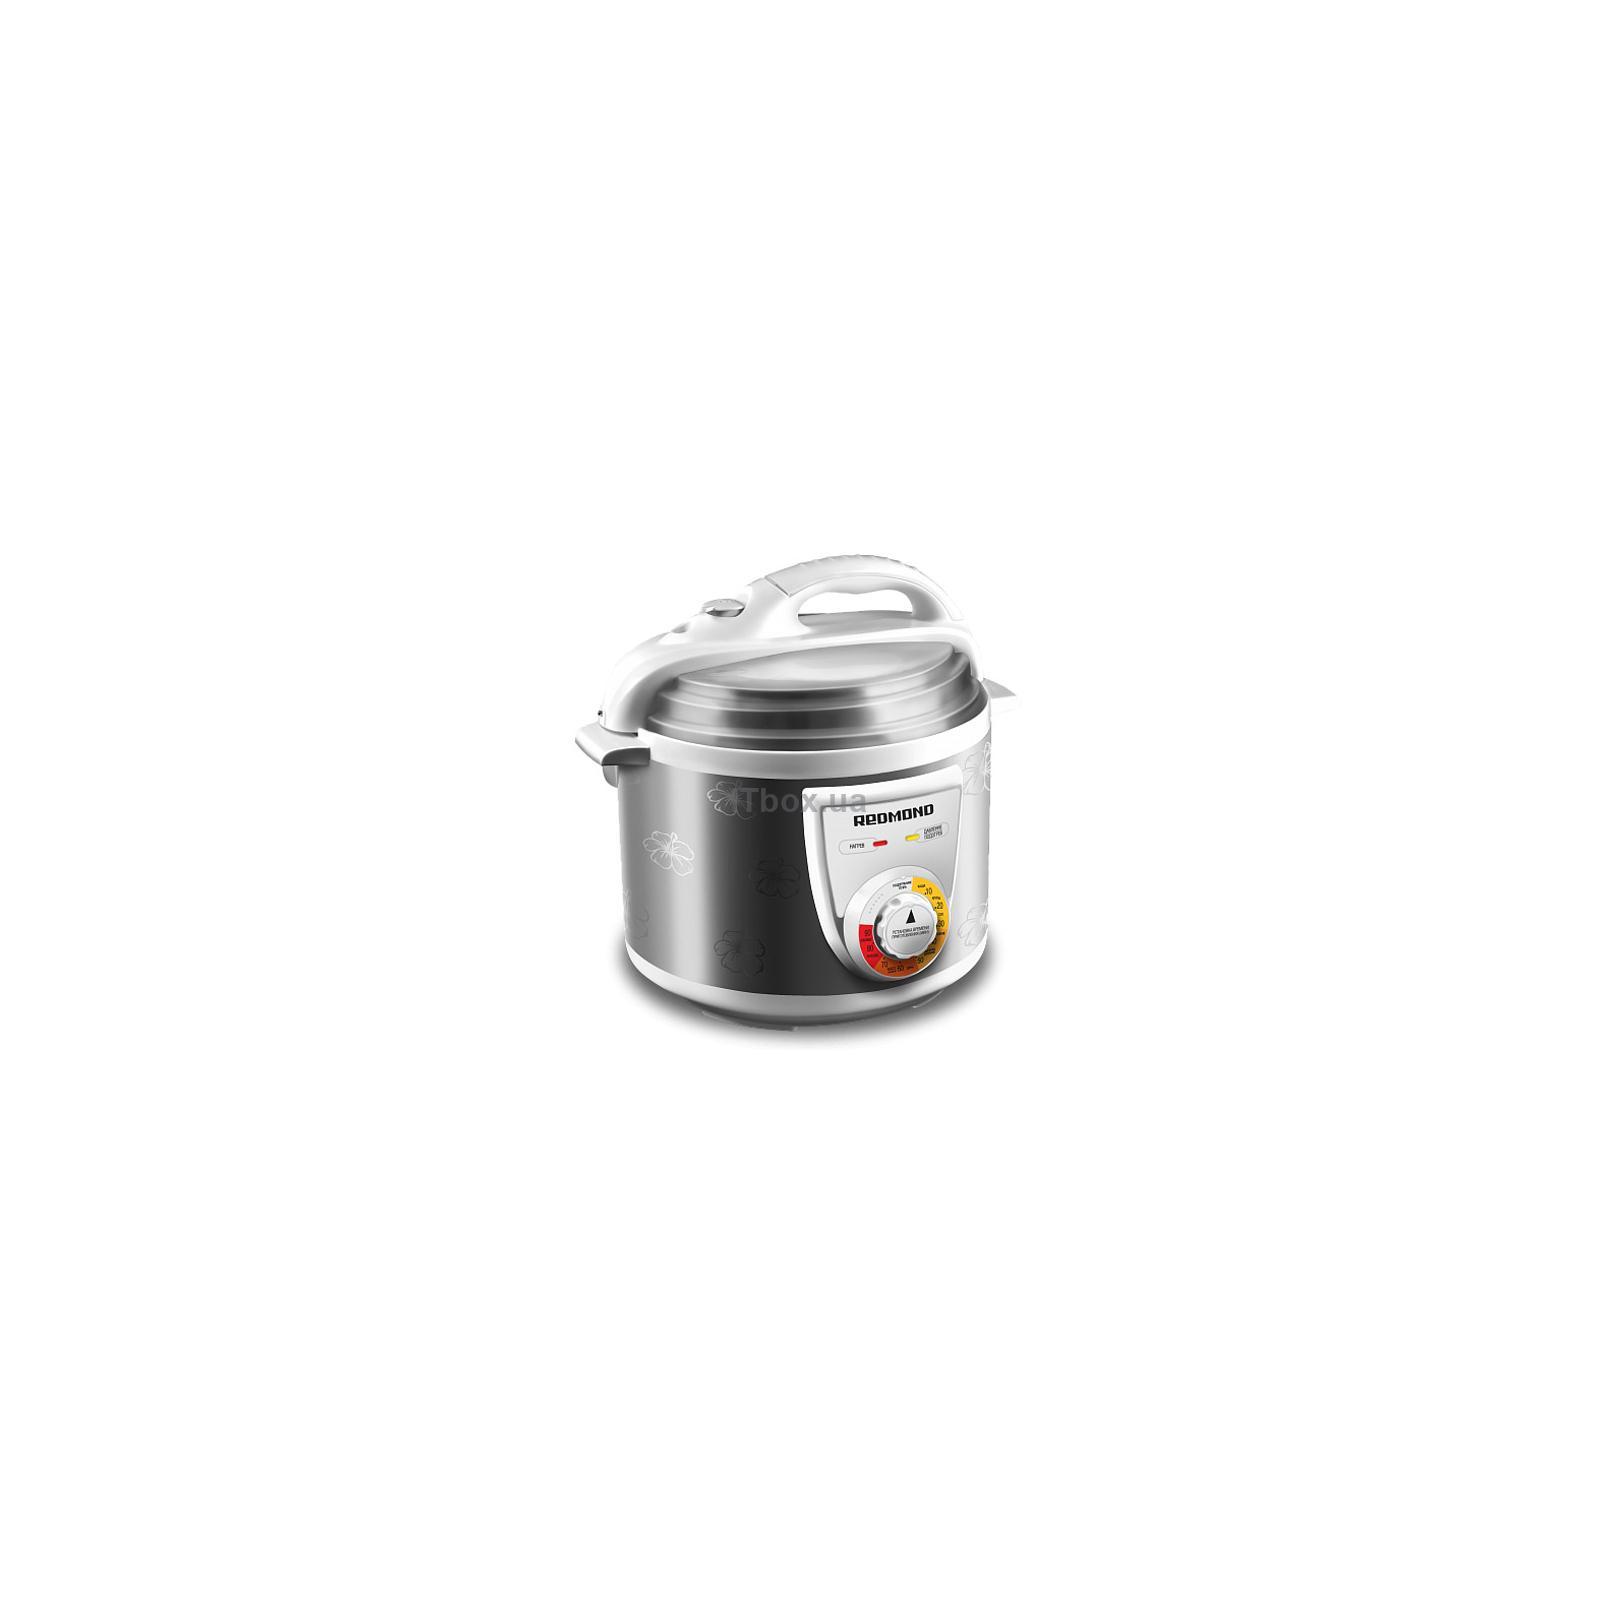 рецепты приготовления в мультиварке скороварке редмонд 4507